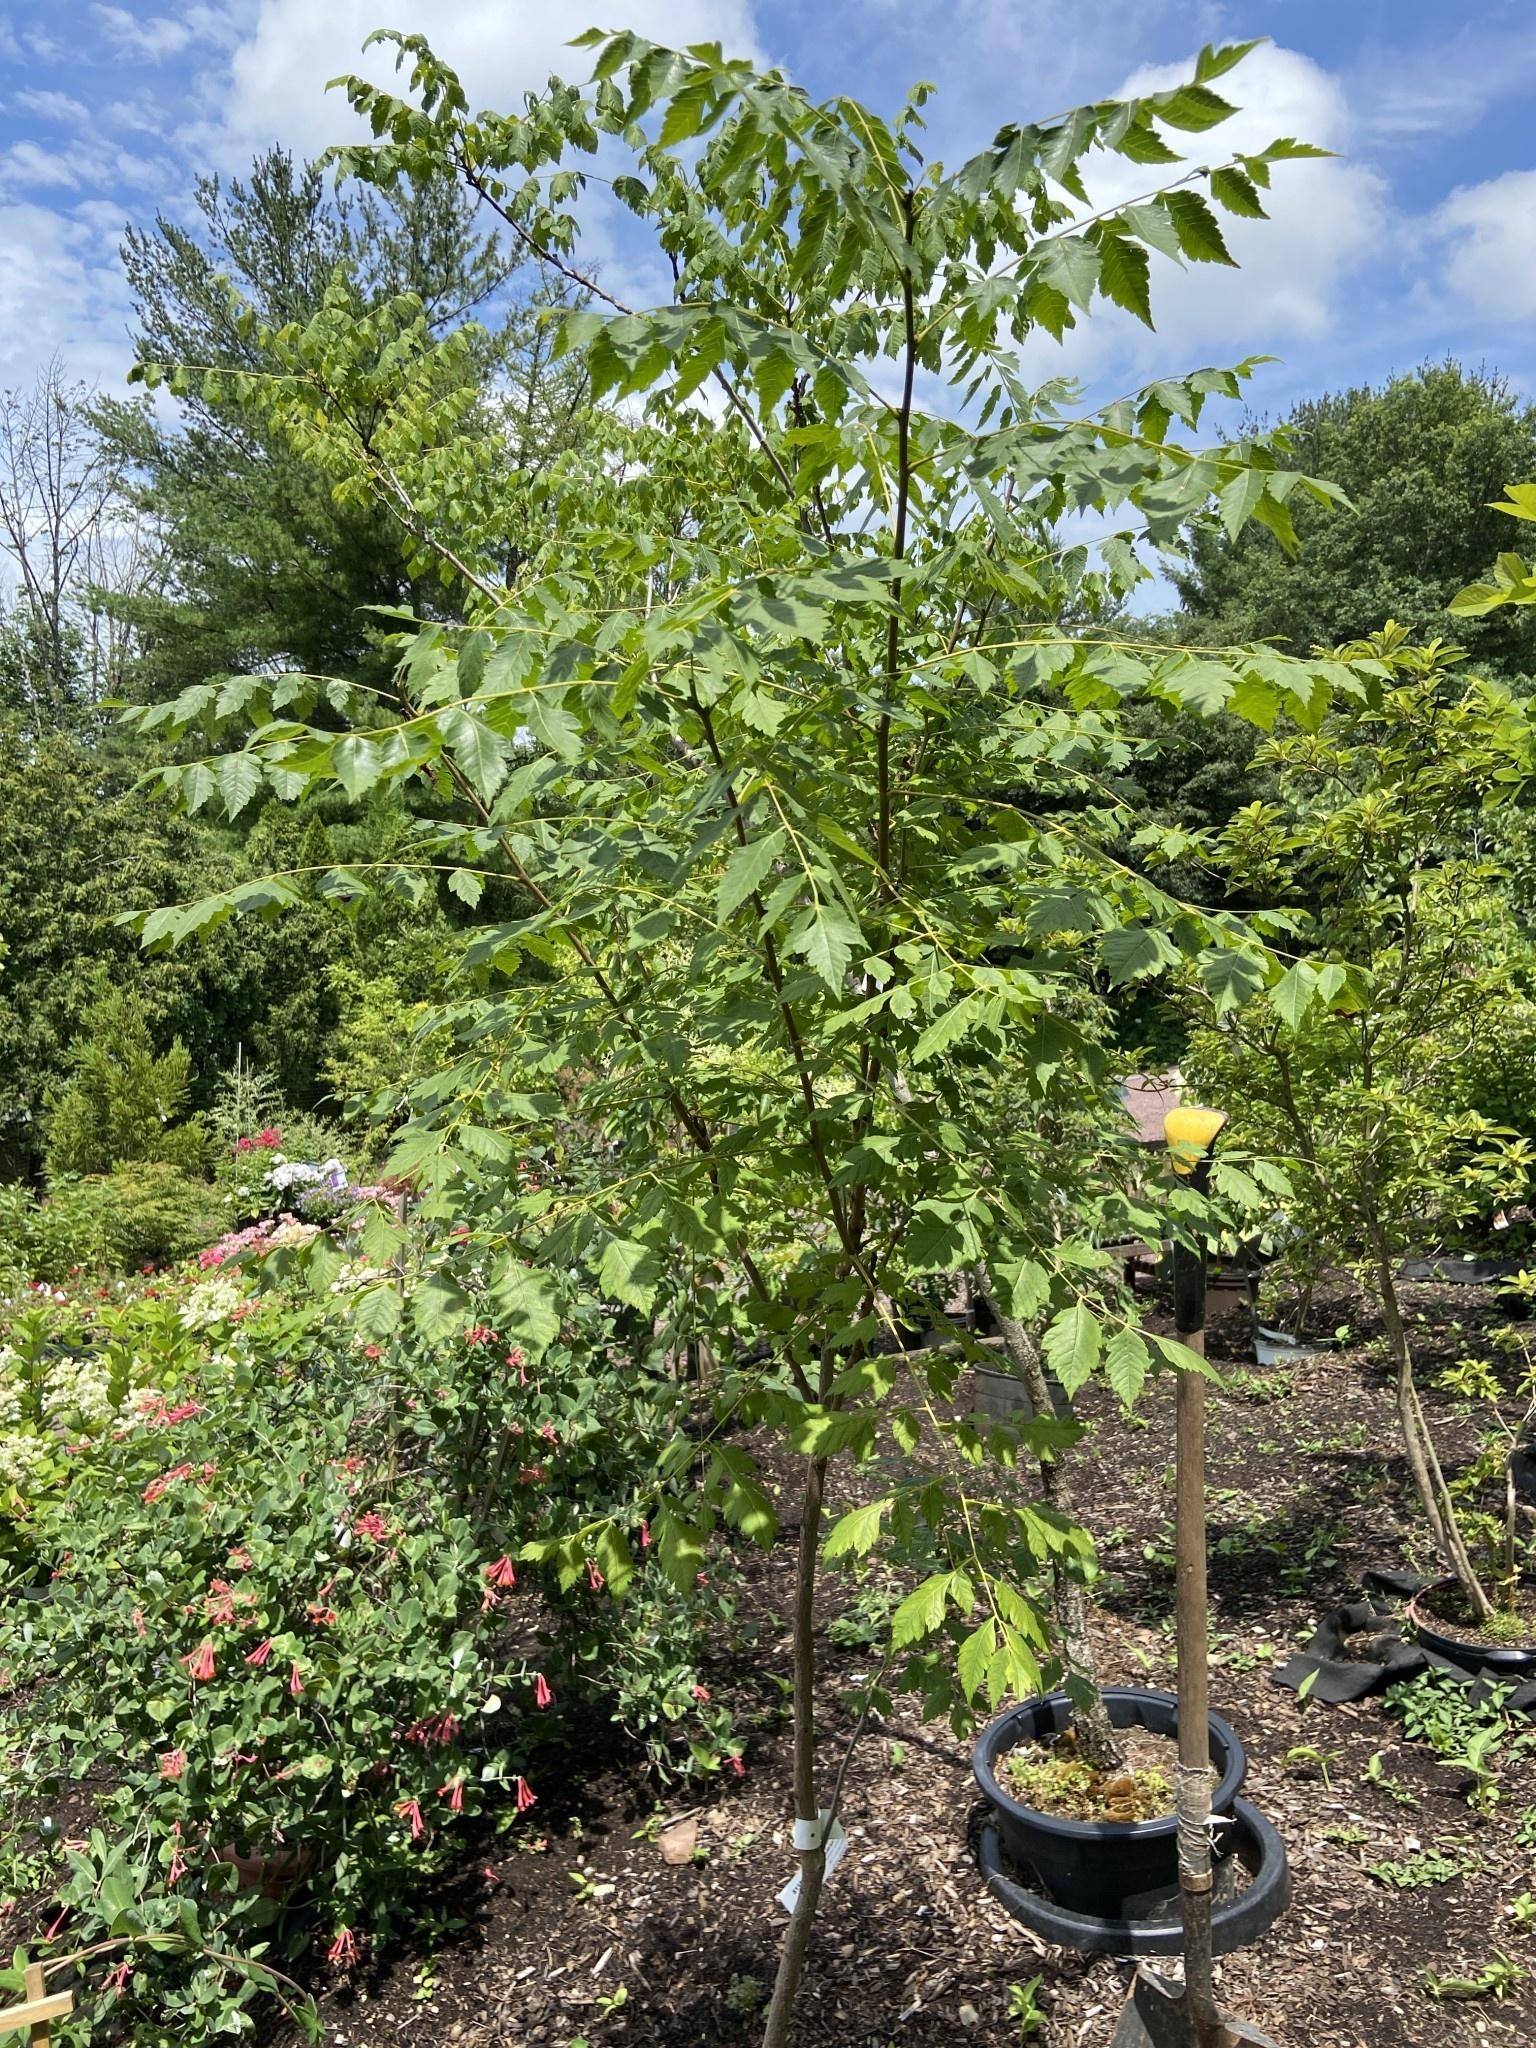 Koelreuteria paniculata Goldenrain Tree - Panicled, #15